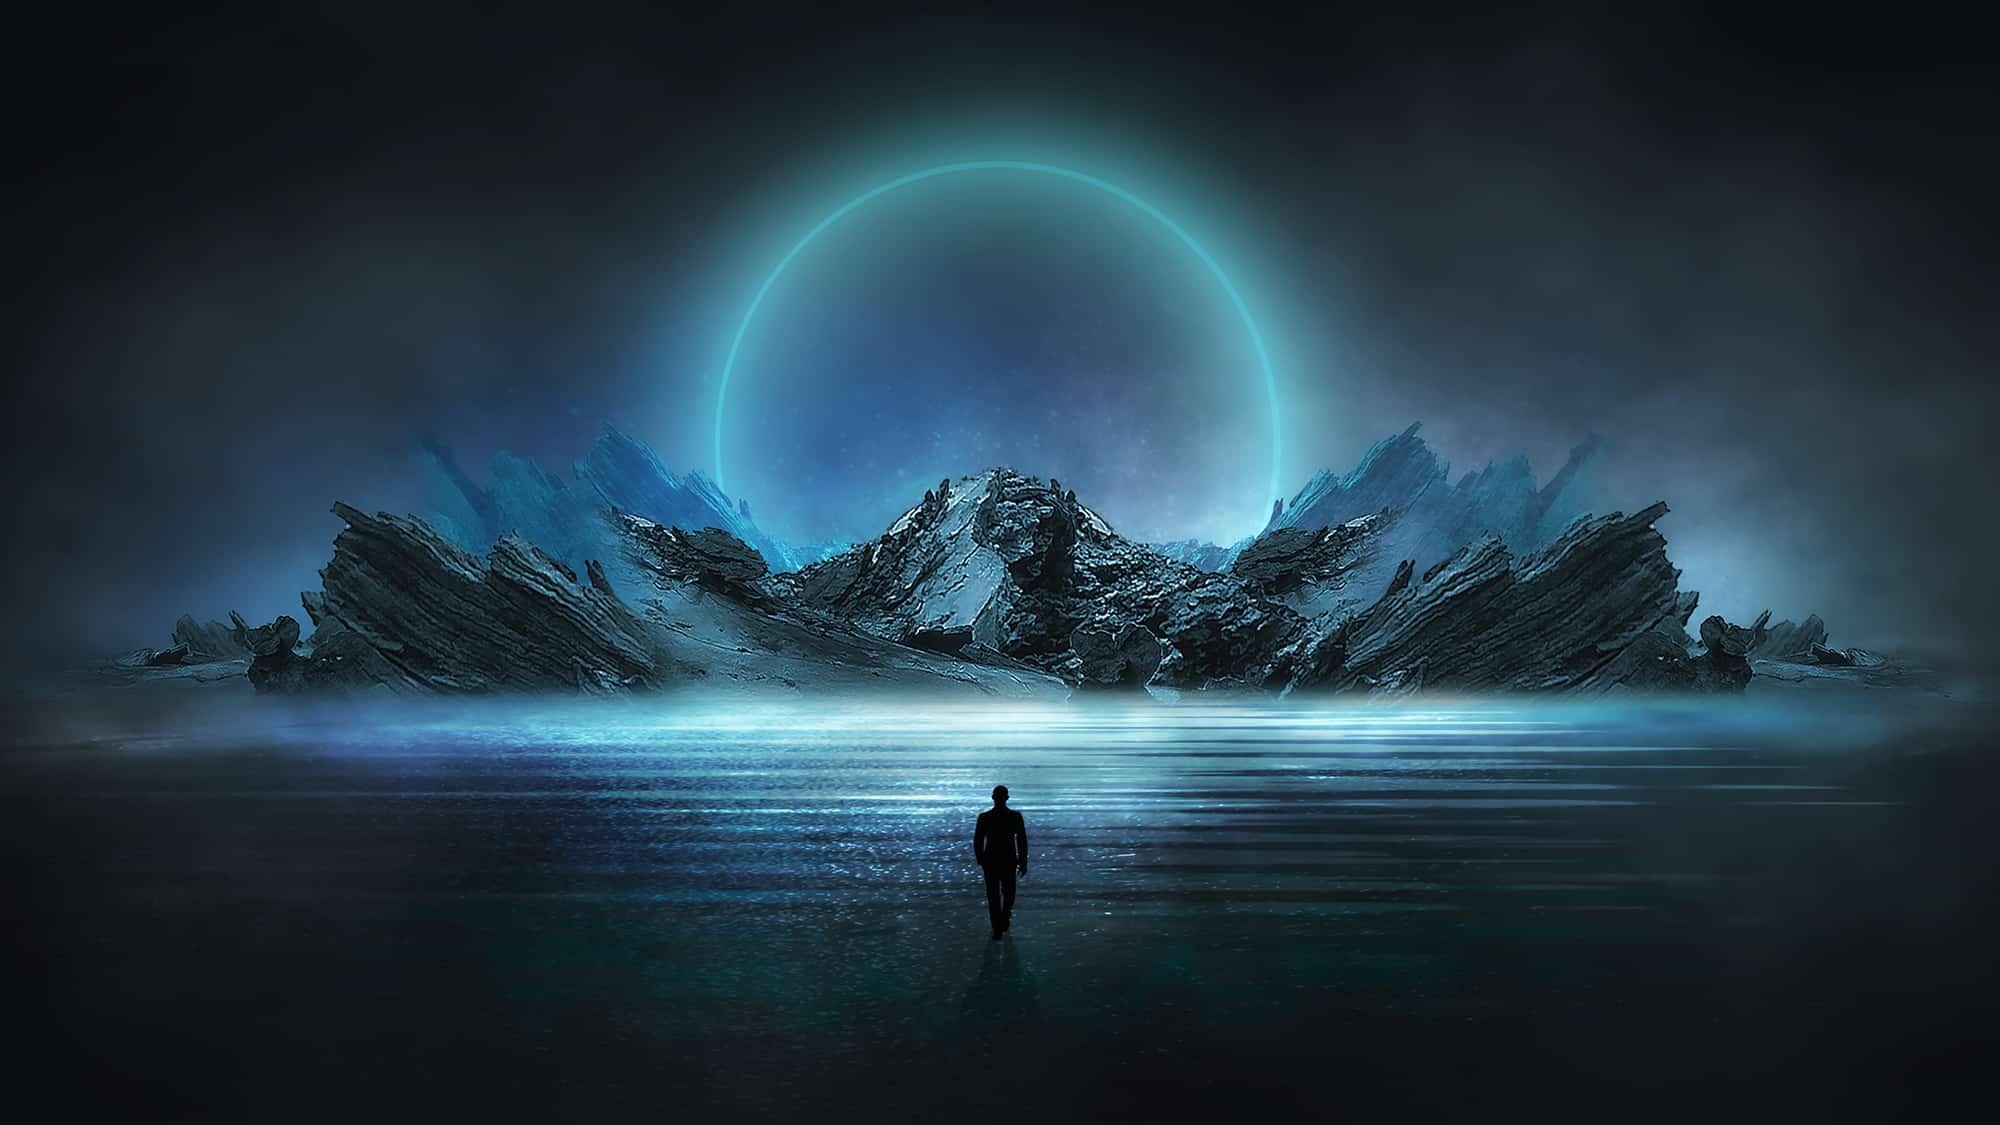 Une silhouette dans l'eau face à une lune néon